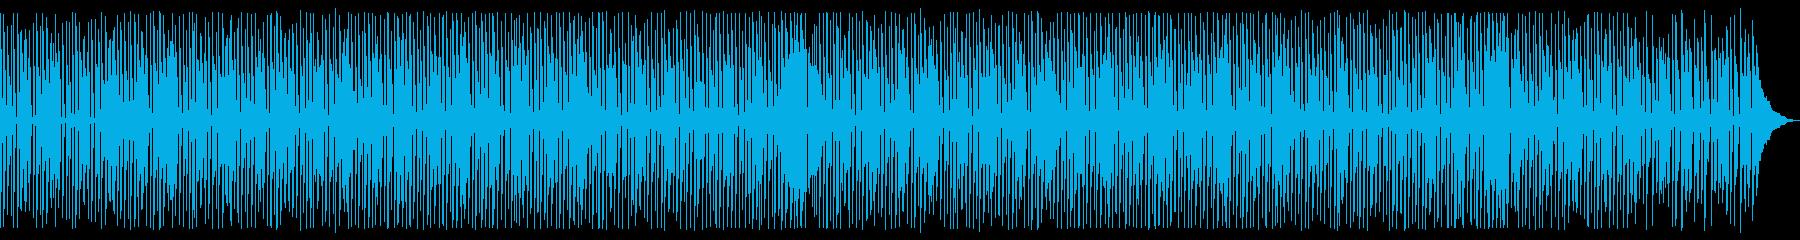 お菓子作り ピアノ ギター 子供向けの再生済みの波形